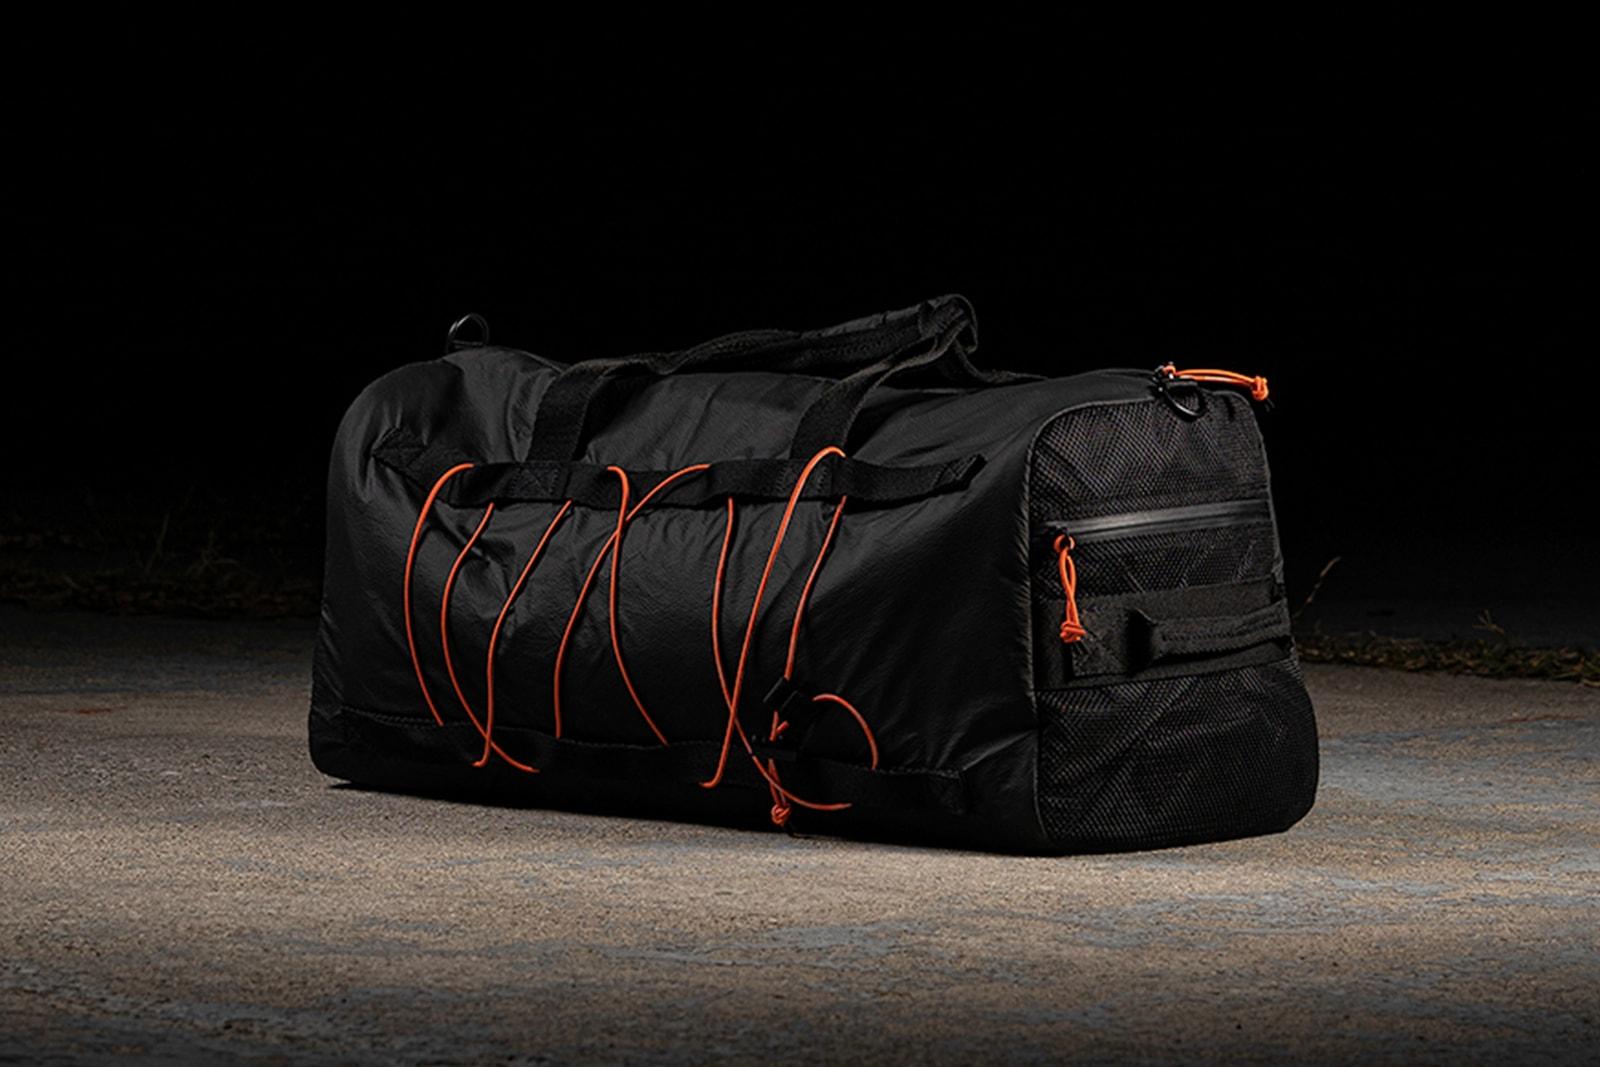 adidas UNDEFEATED アディダス アンディフィーテッド シューズ アパレル スニーカー コラボ フットウェア アパレル コレクション